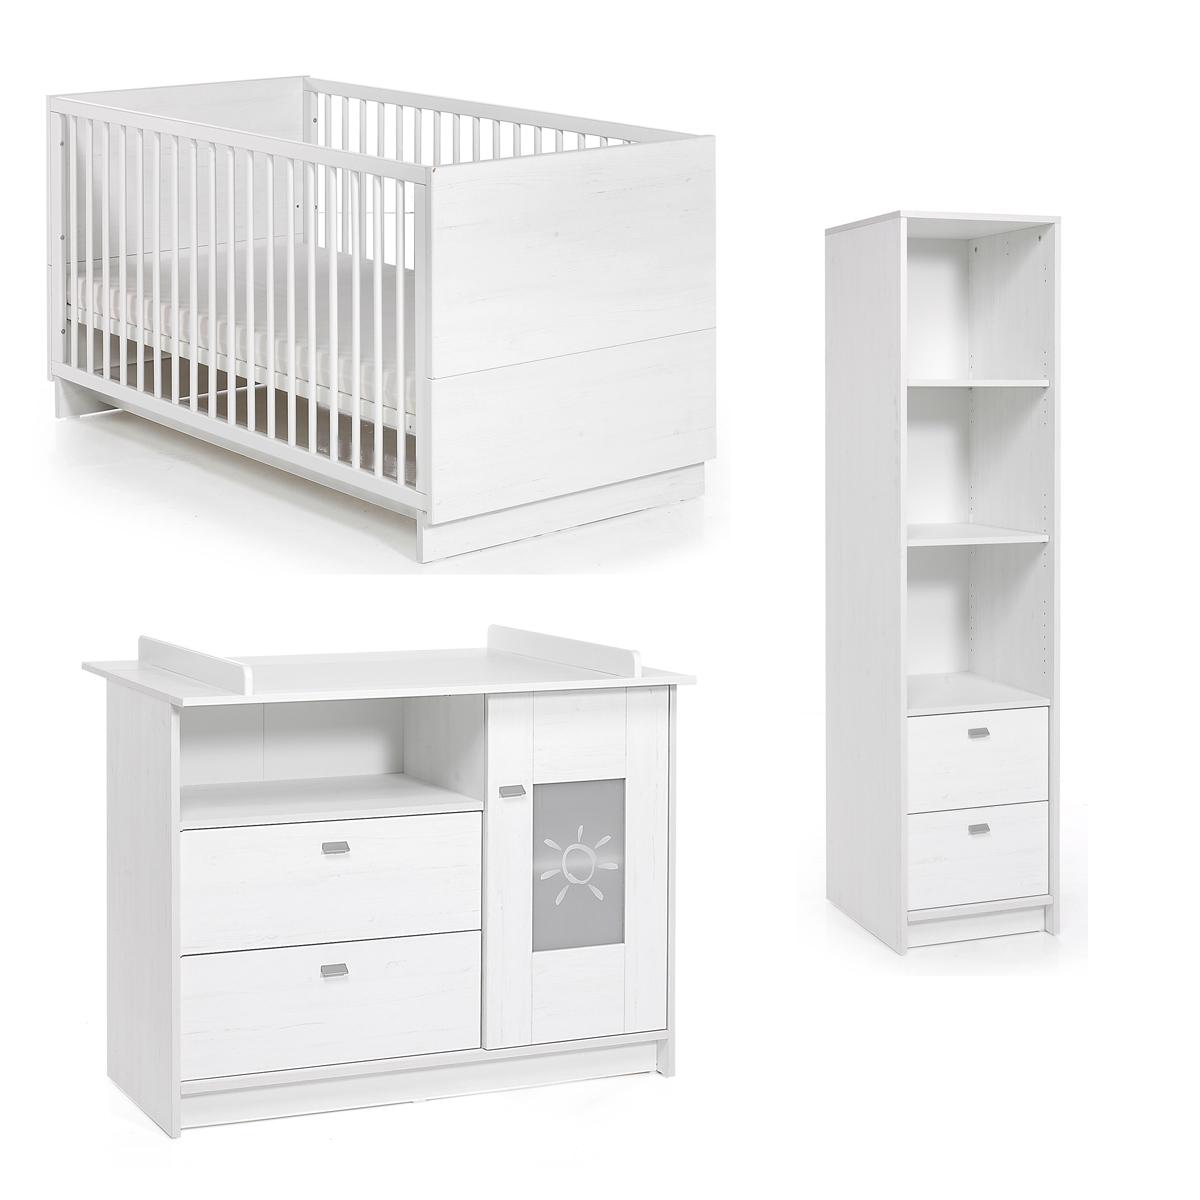 chambre trio lit commode etag re haute collection sol trio sol 1 achat vente chambre. Black Bedroom Furniture Sets. Home Design Ideas